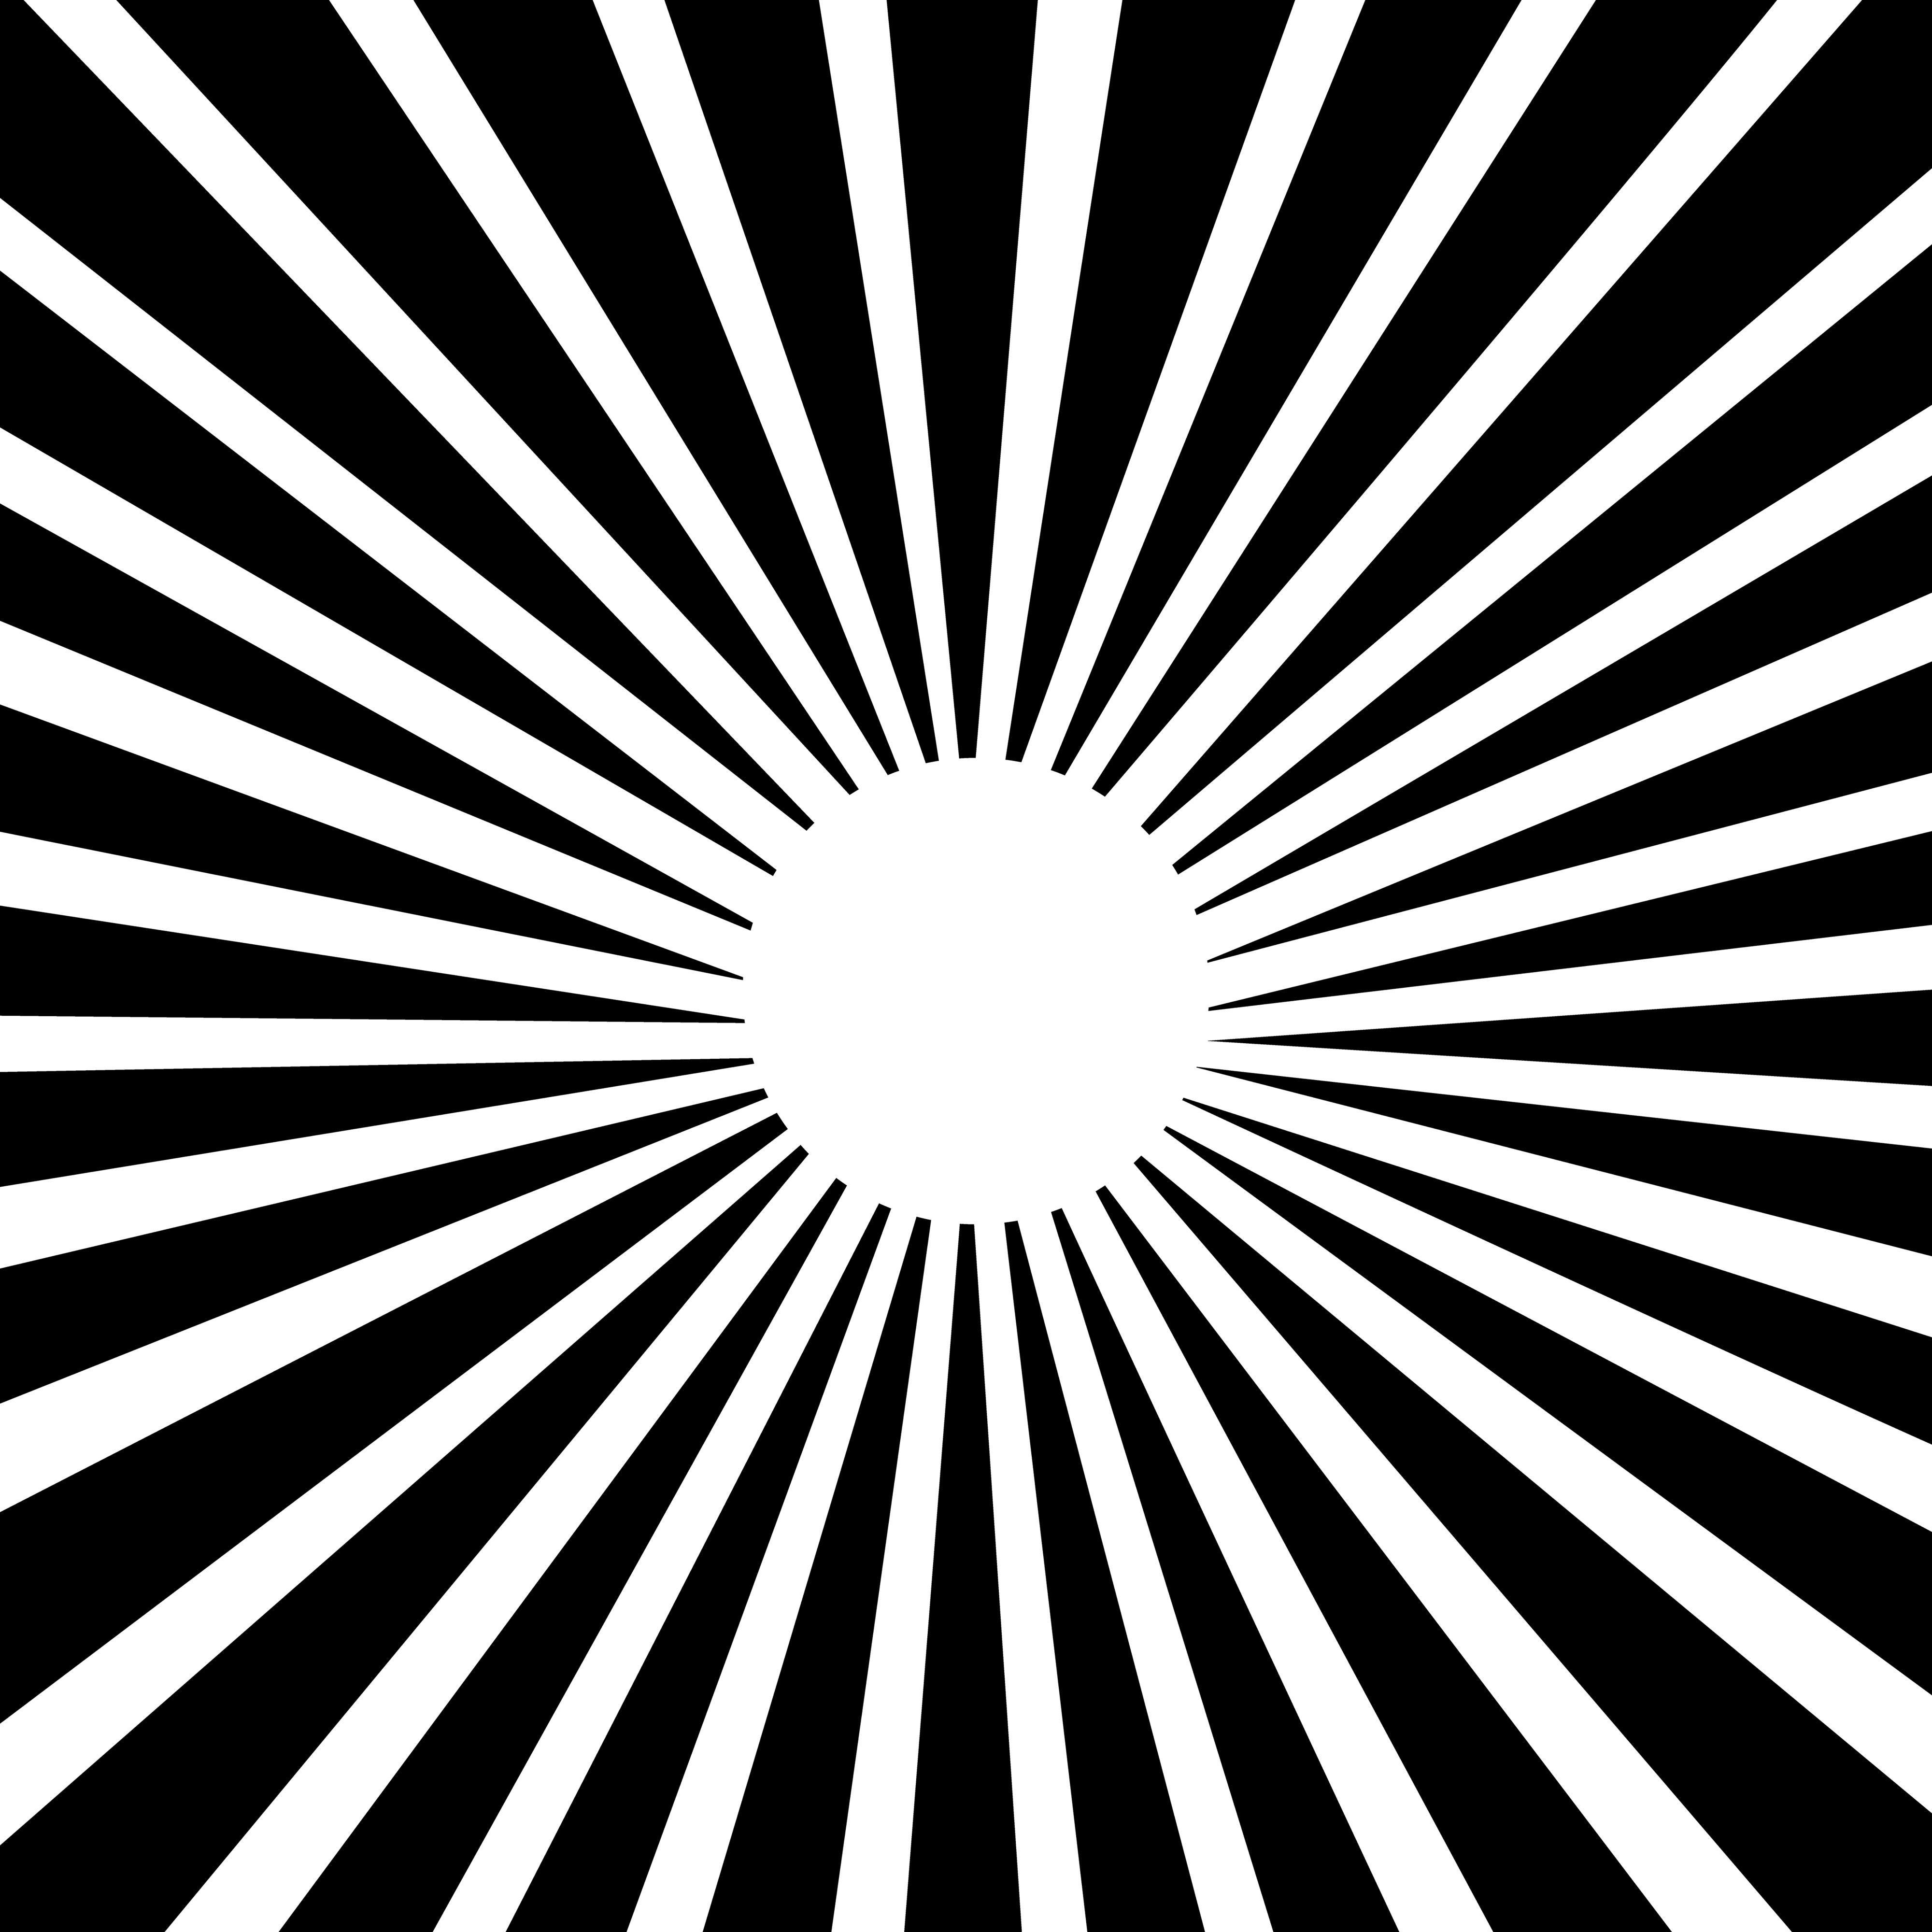 Burst clipart line. Lineart sun pattern white